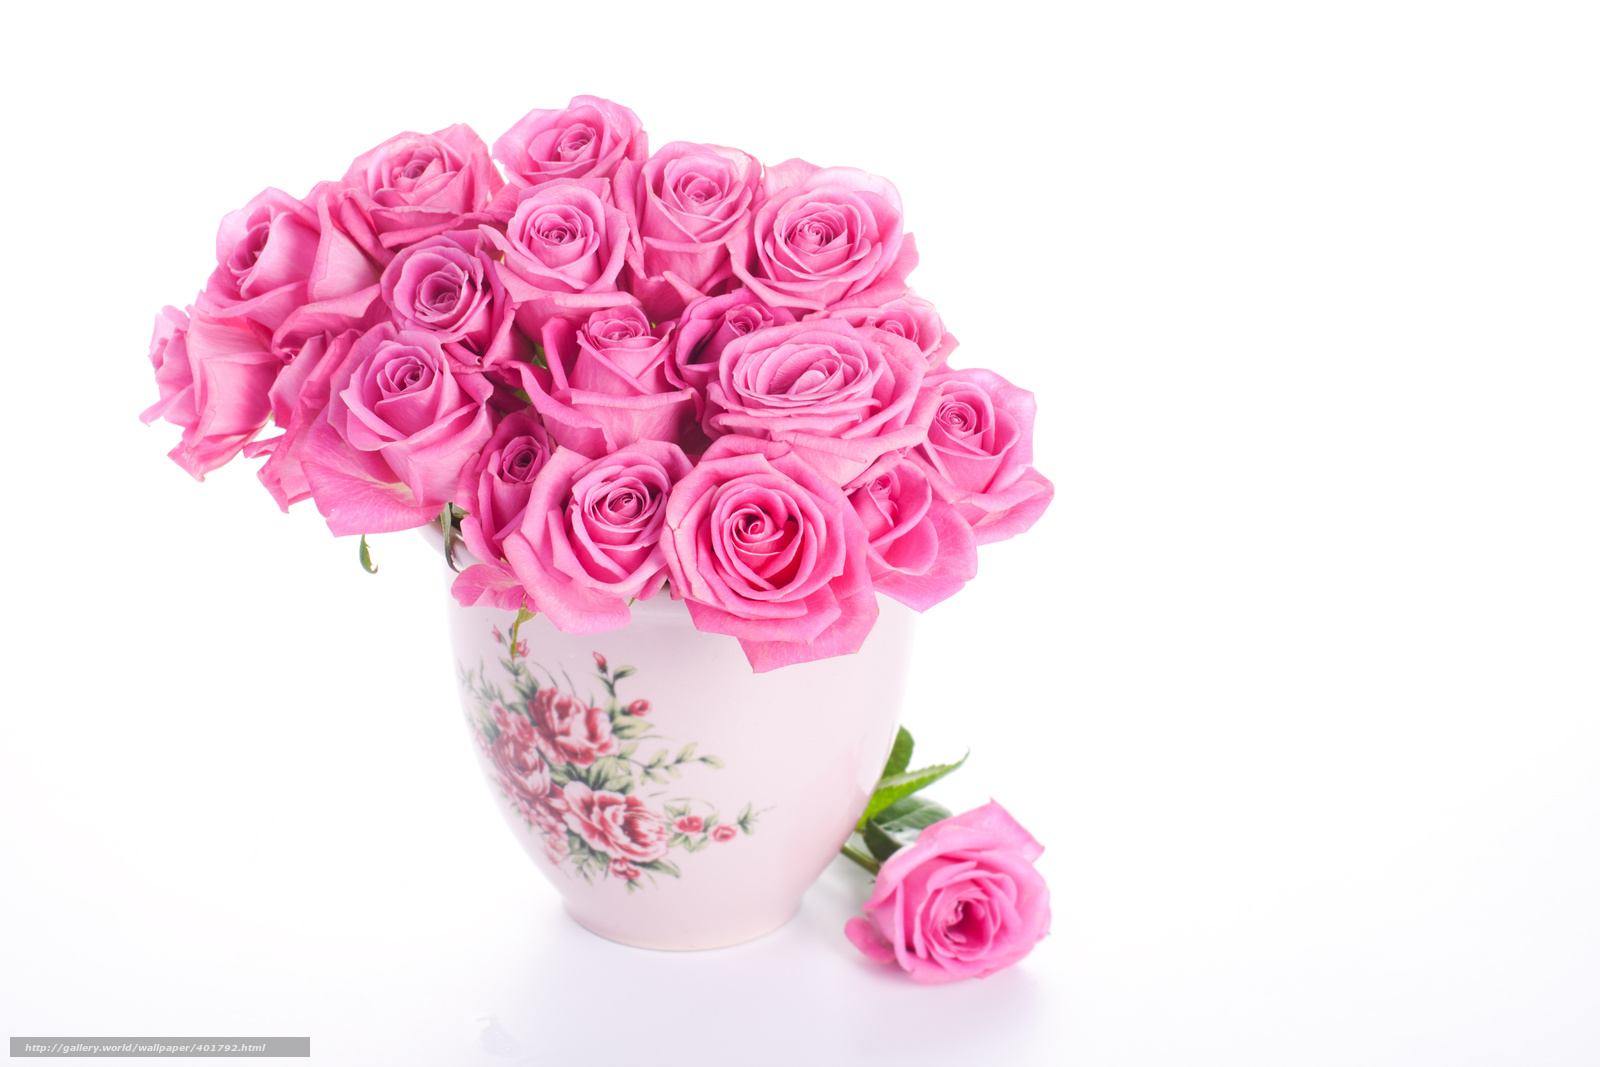 descarca imagini de fundal Trandafiri,  vaz,  buchet Imagini de fundal gratuite pentru rezoluia desktop 4752x3168 — imagine №401792